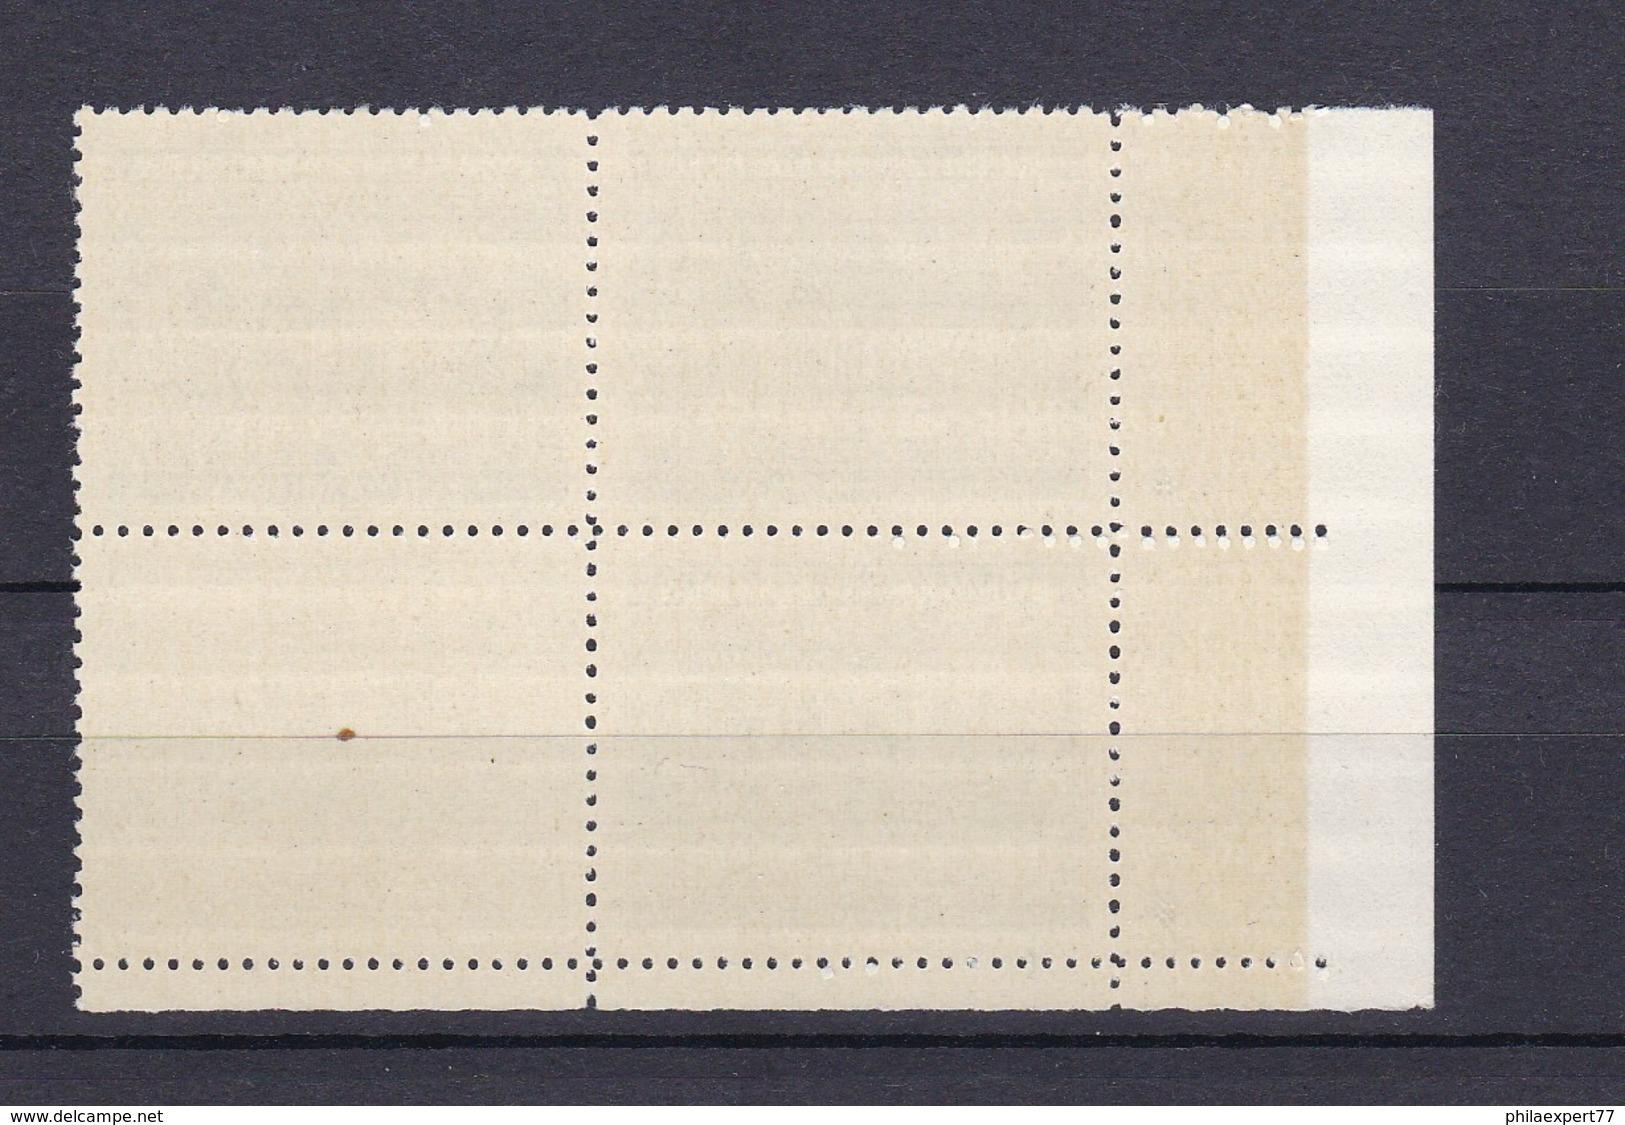 Böhmen Und Mähren - 1940/41 - Michel Nr. 60 Pl.-St. Viererblock Mit Leerfeld - Besetzungen 1938-45